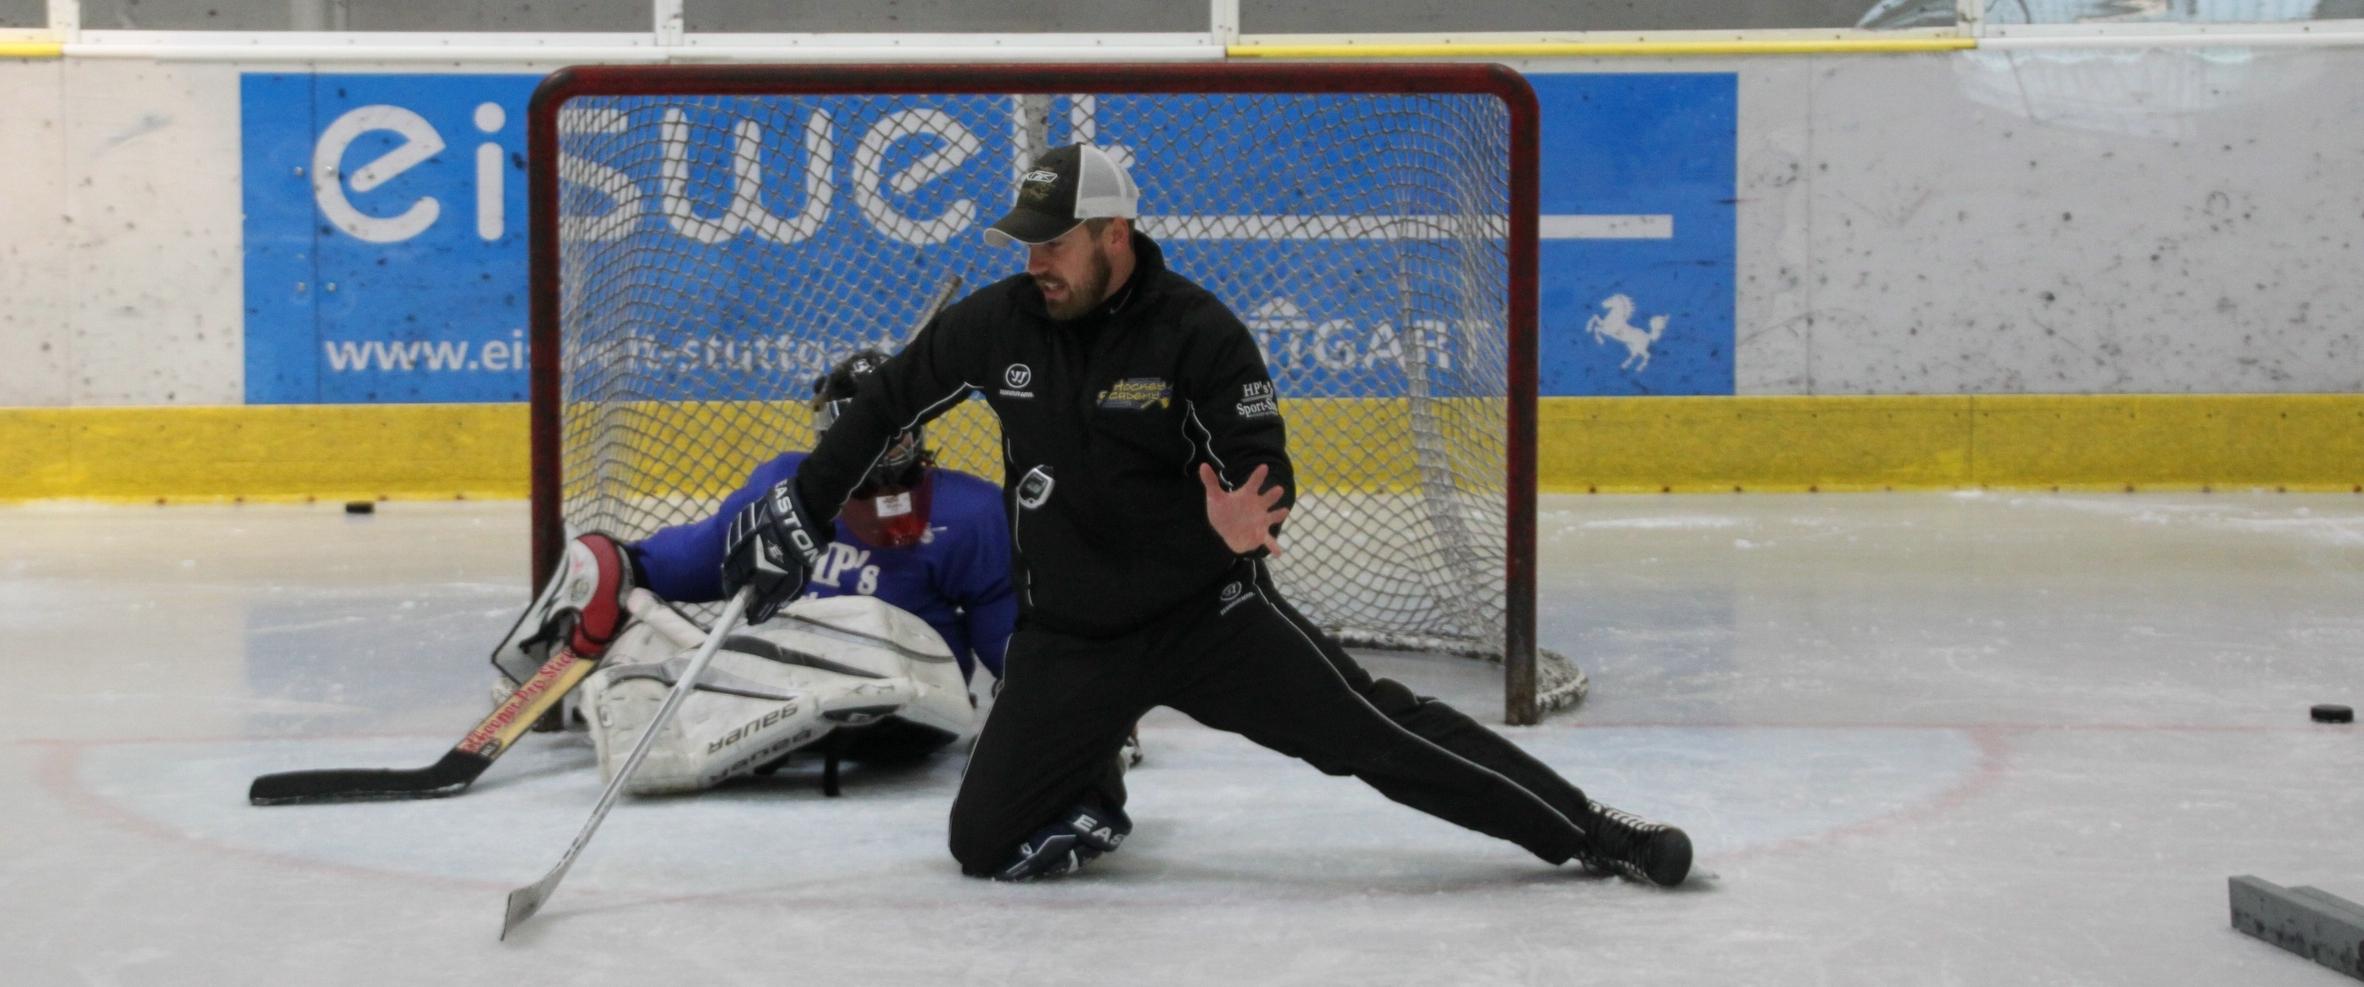 Dušan Strharský on ice